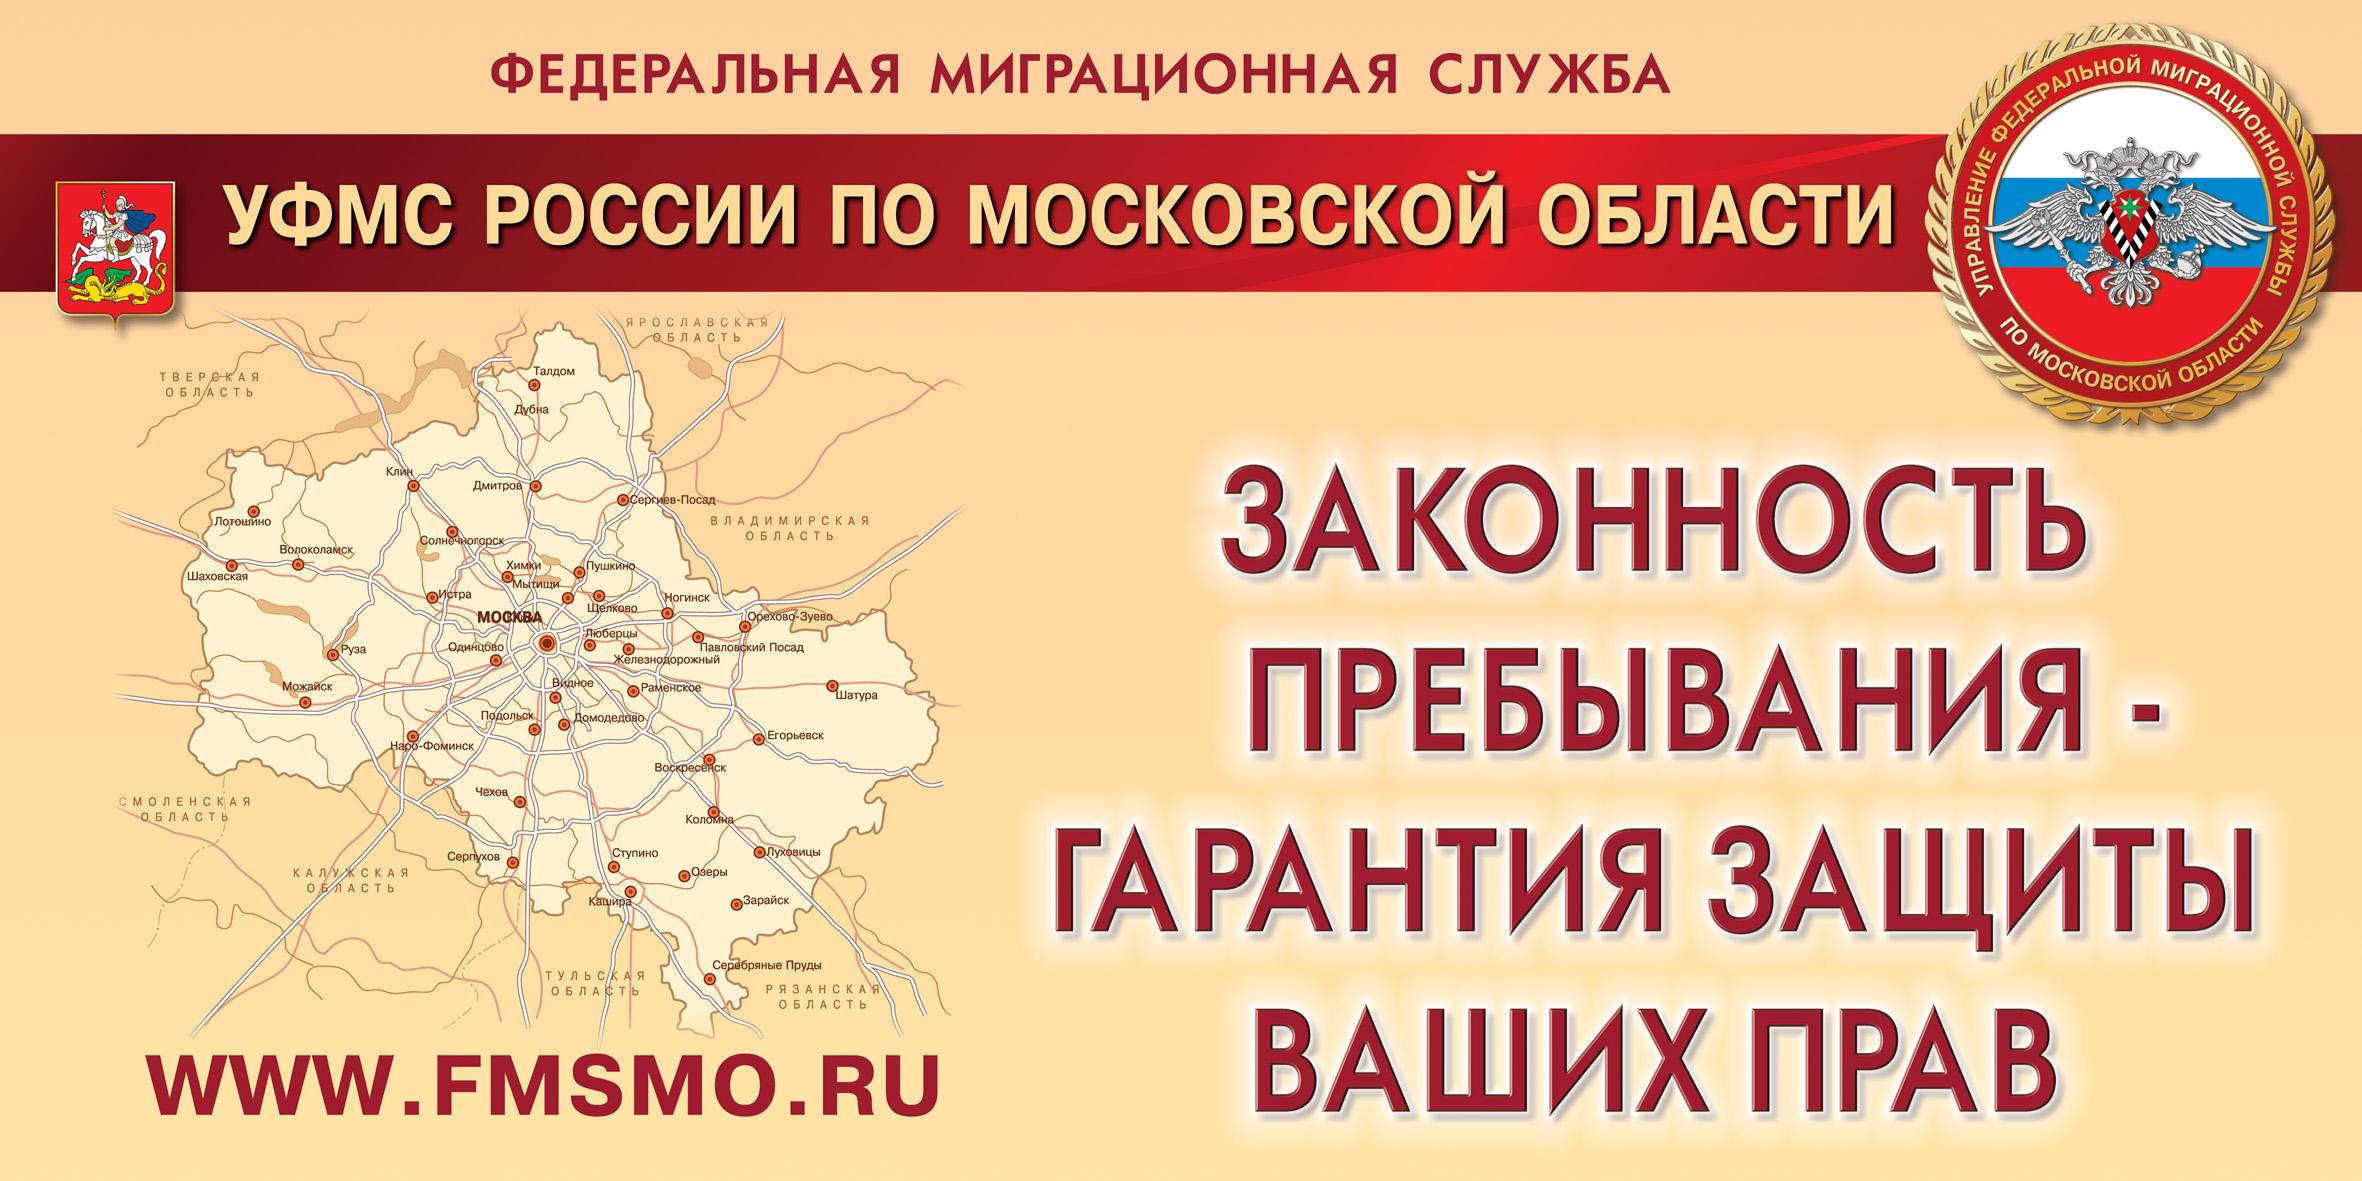 Официальный сайт уфмс россии в екатеринбурге